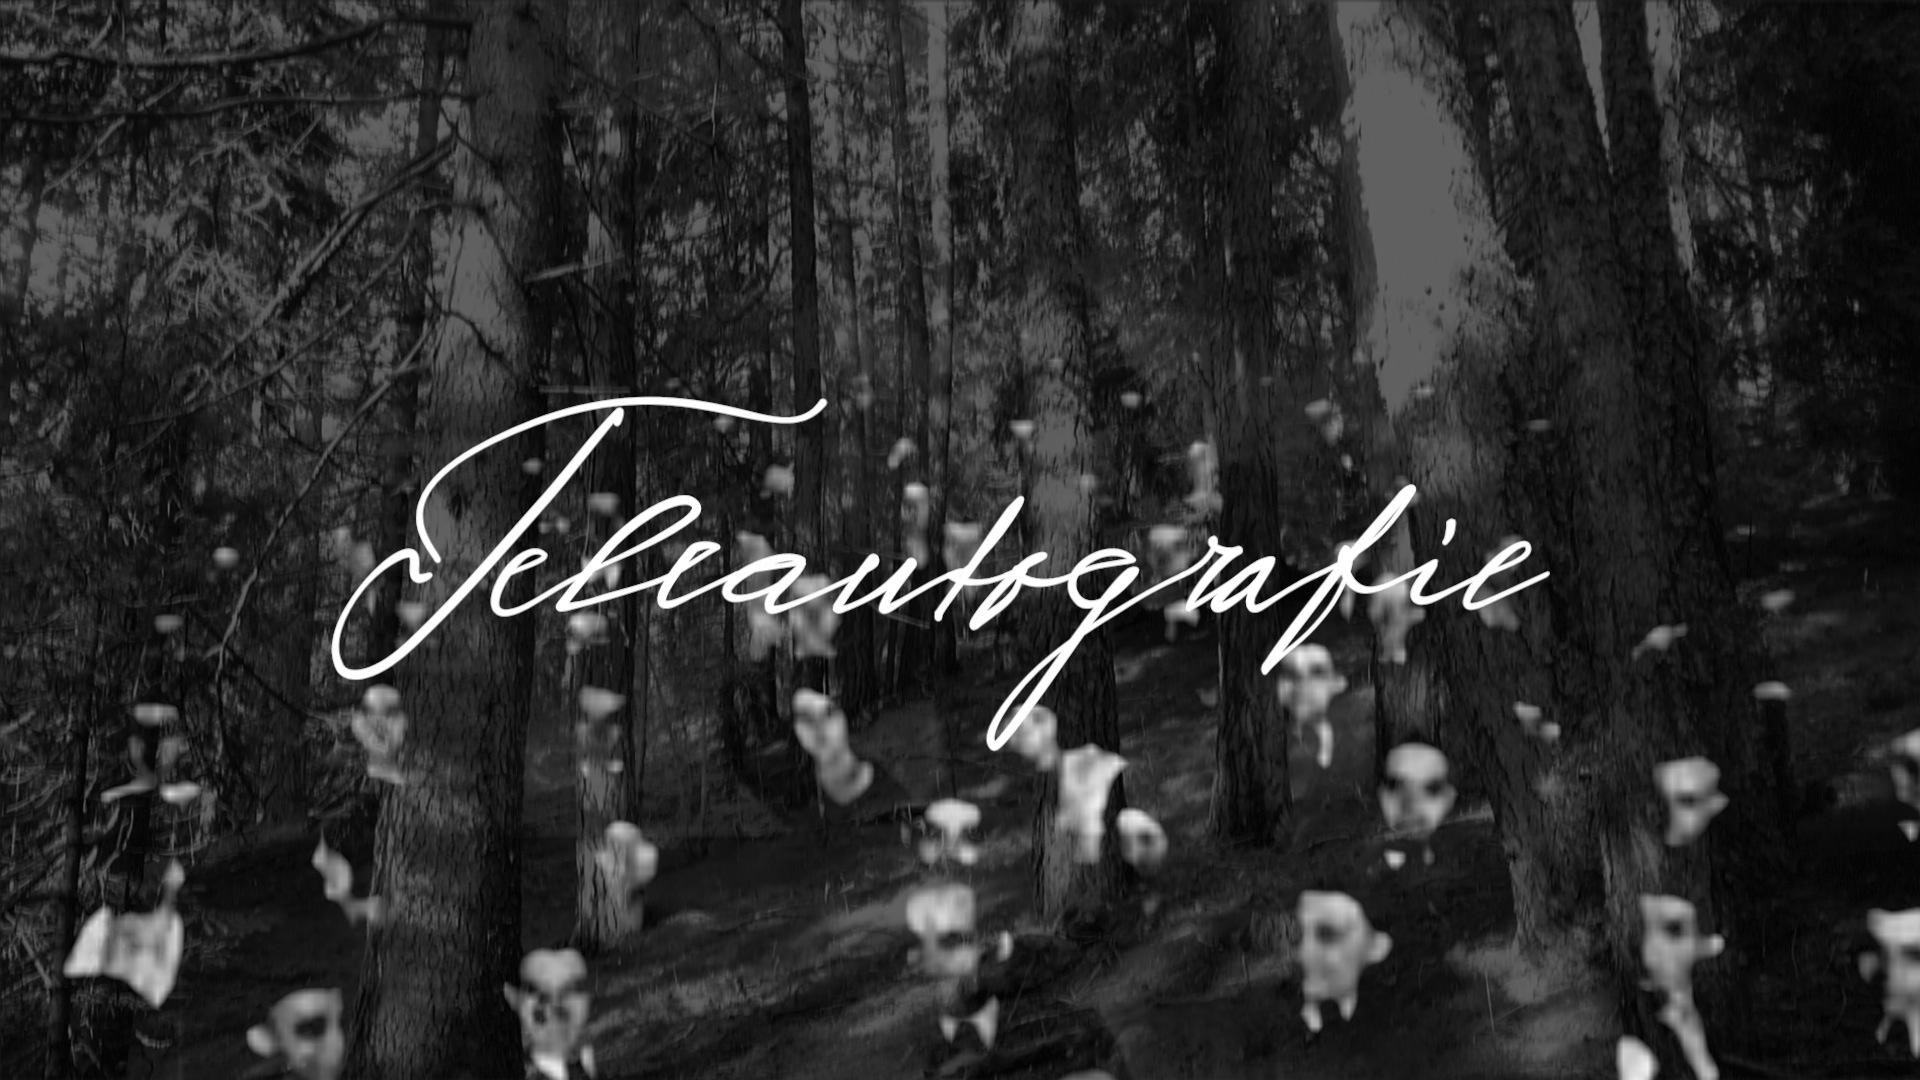 Eine Übertragung oder eine Teleautografie – Dadanaut